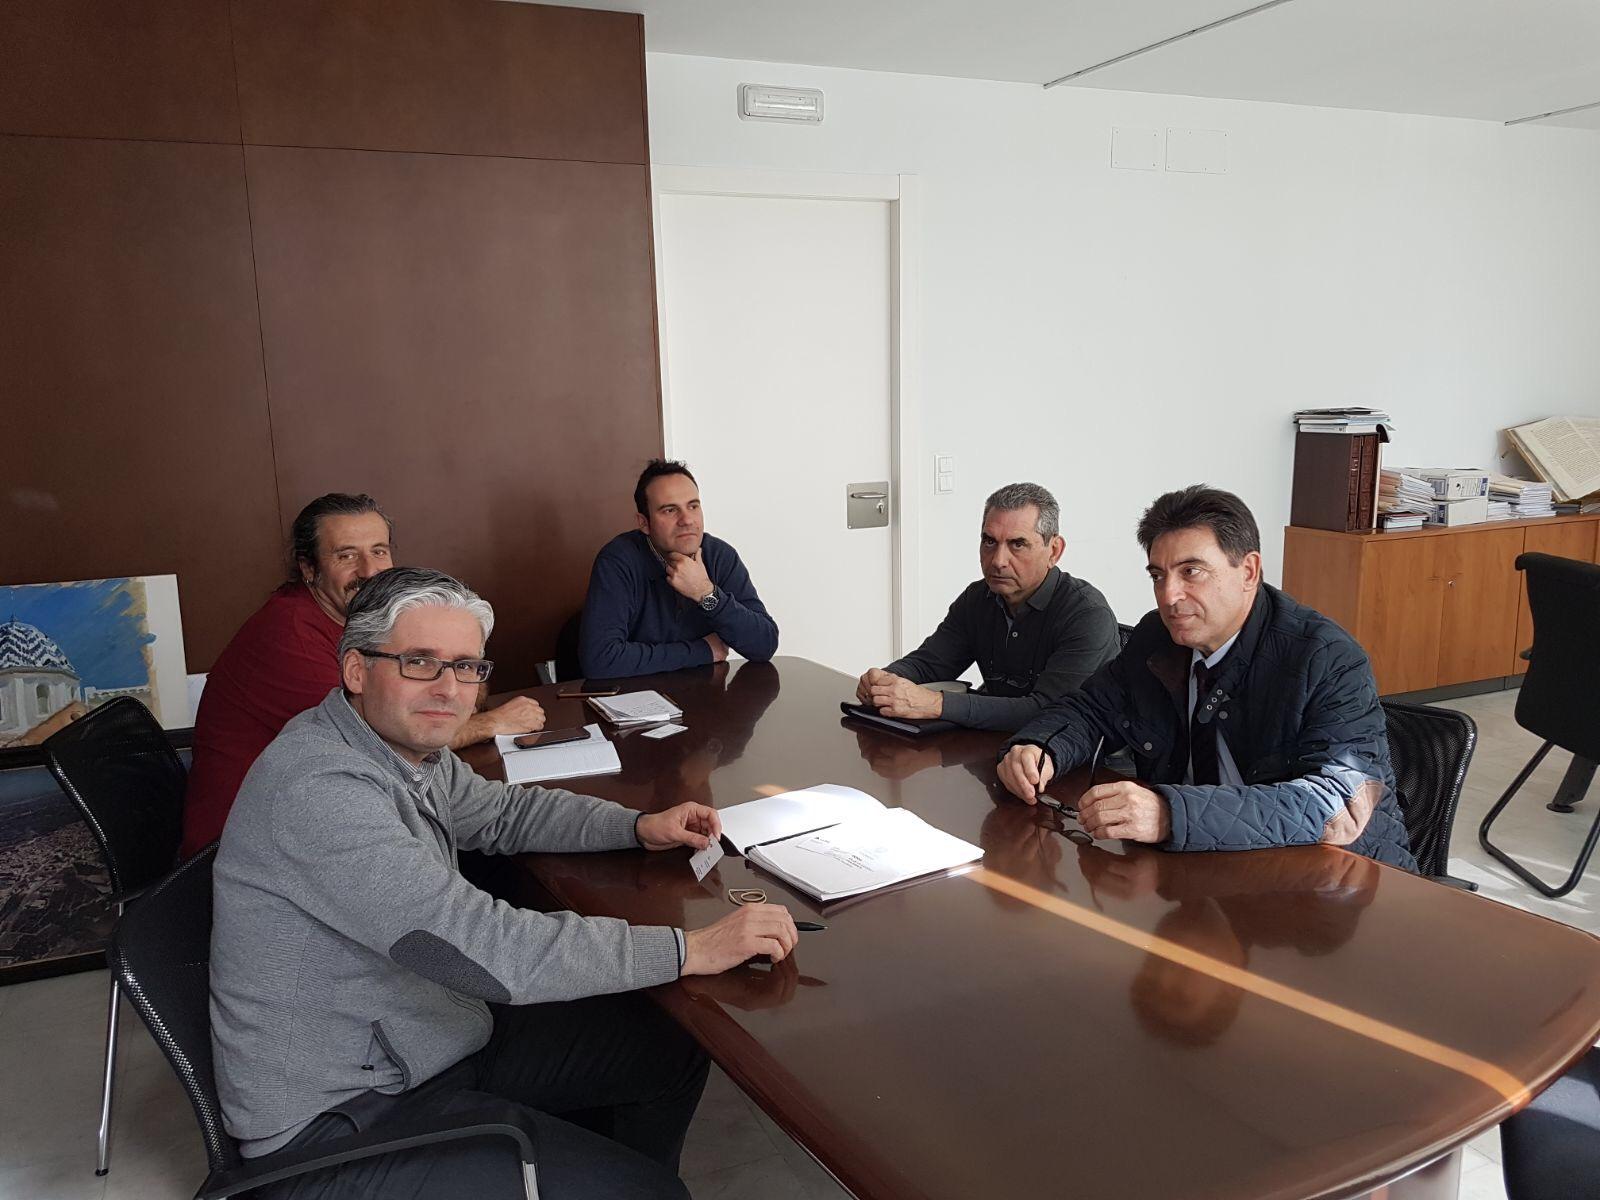 La intenció del consistori és adequar-los com a via verda i unir-los a la xarxa cicloturística de tota la comarca.